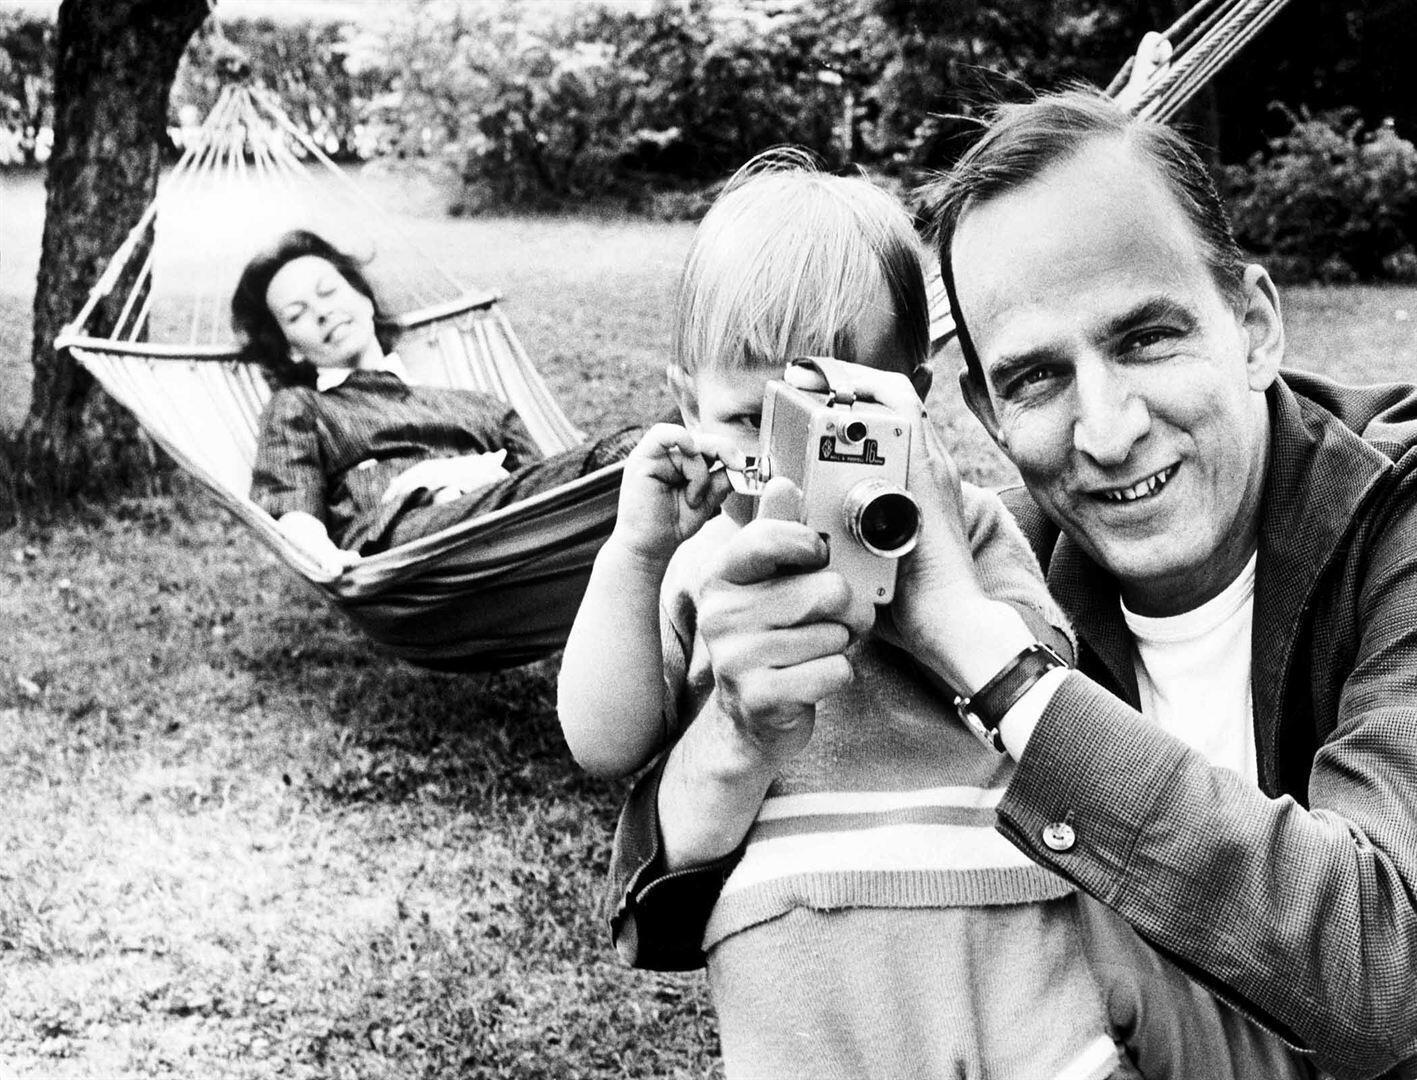 Extrait du documentaire À la recherche d'Ingmar Bergman, réalisé par Margarethe von Trotta.